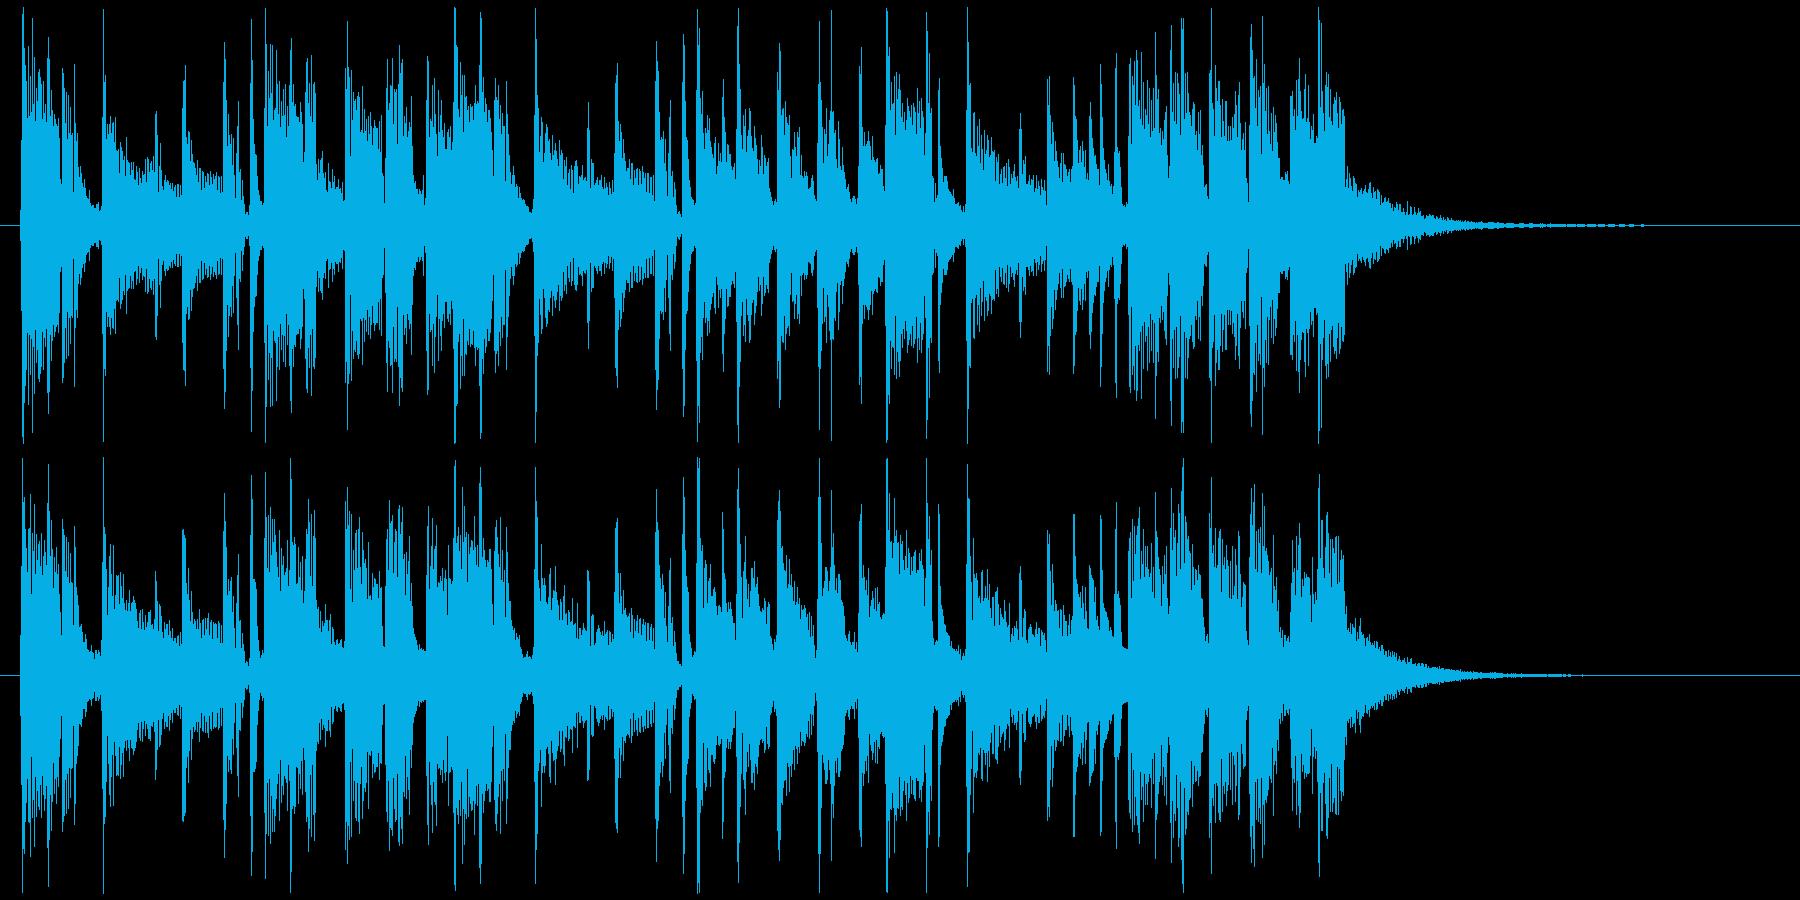 勢いと迫力のあるシンセドラムジングルの再生済みの波形